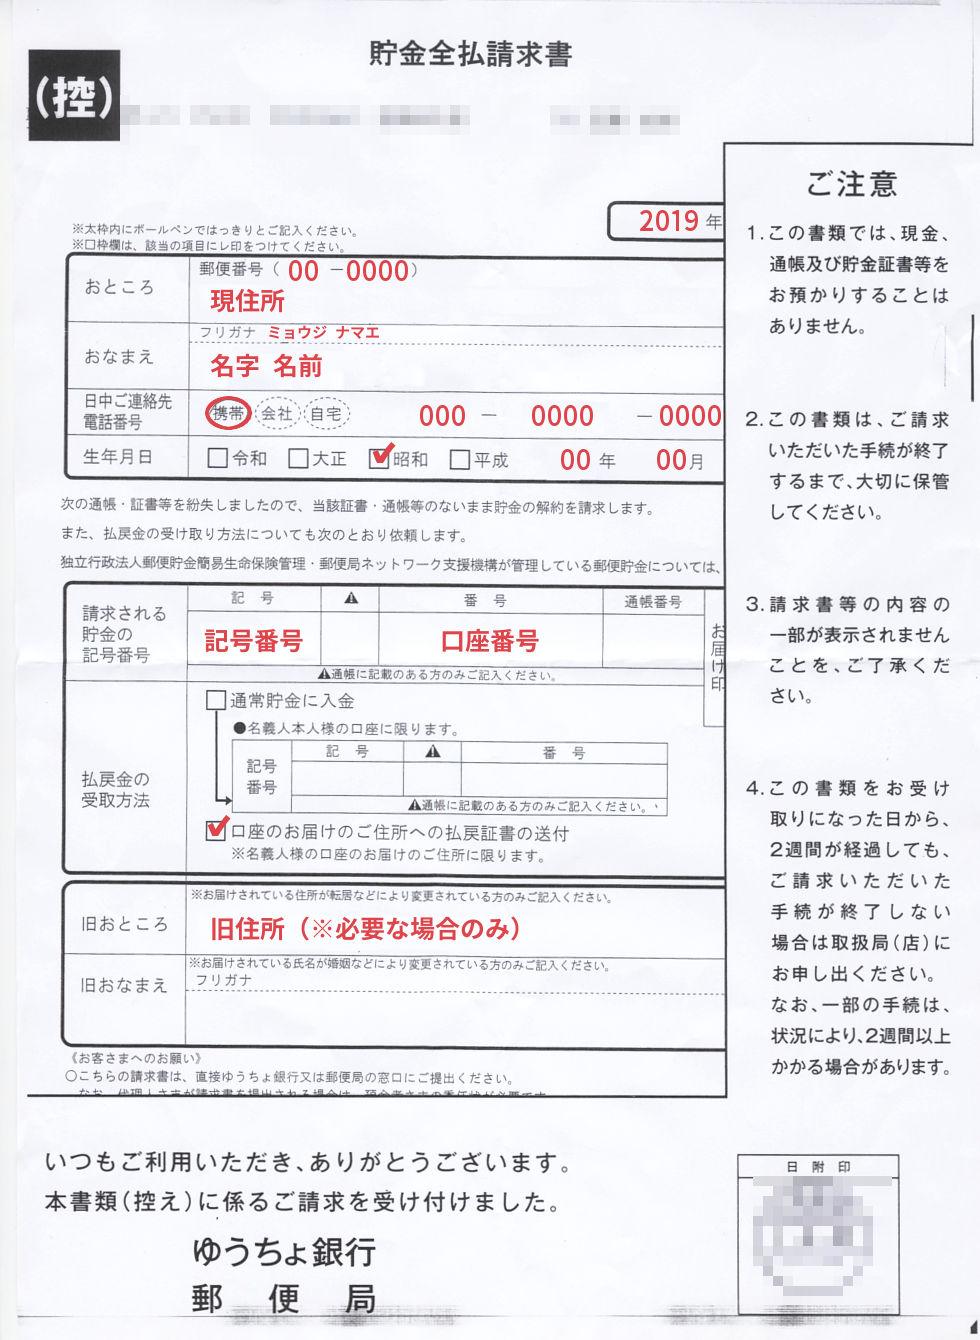 ゆうちょ銀行_貯金全払請求書記入例